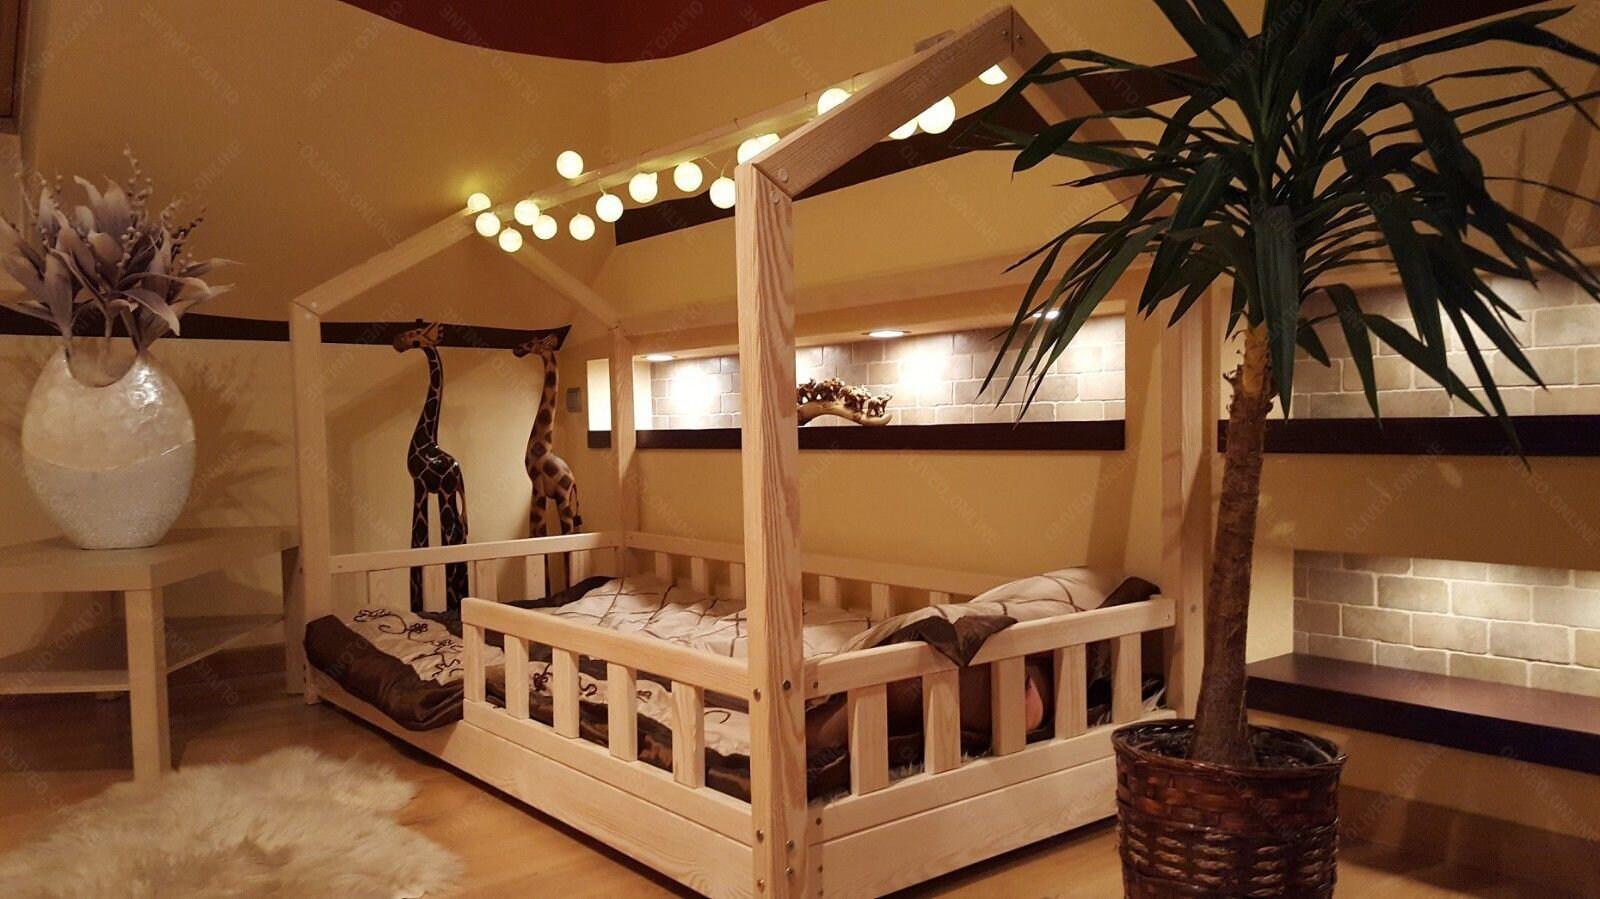 Haus-Bett mit Barrieren Kinder Bett Haus Bett für Kinder | Etsy